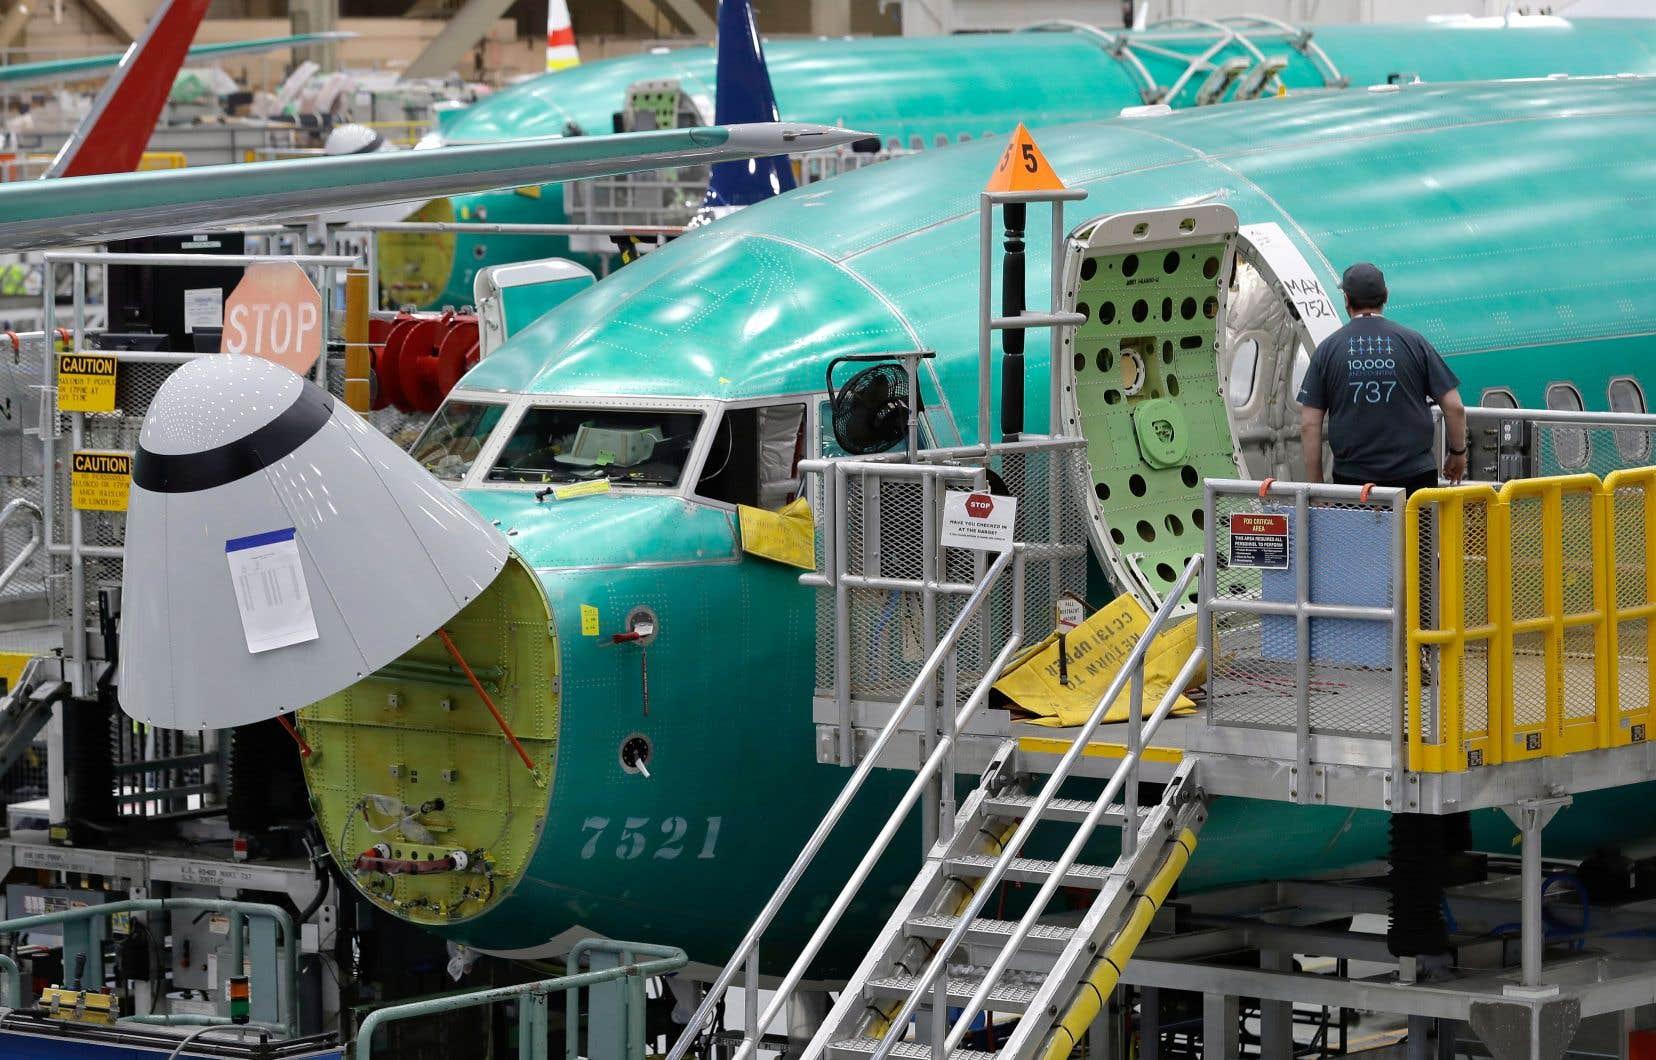 Le logiciel anti-décrochage a été installé sur les 737 Max pour compenser les problèmes aérodynamiques posés par le changement d'emplacement et le poids des deux moteurs.